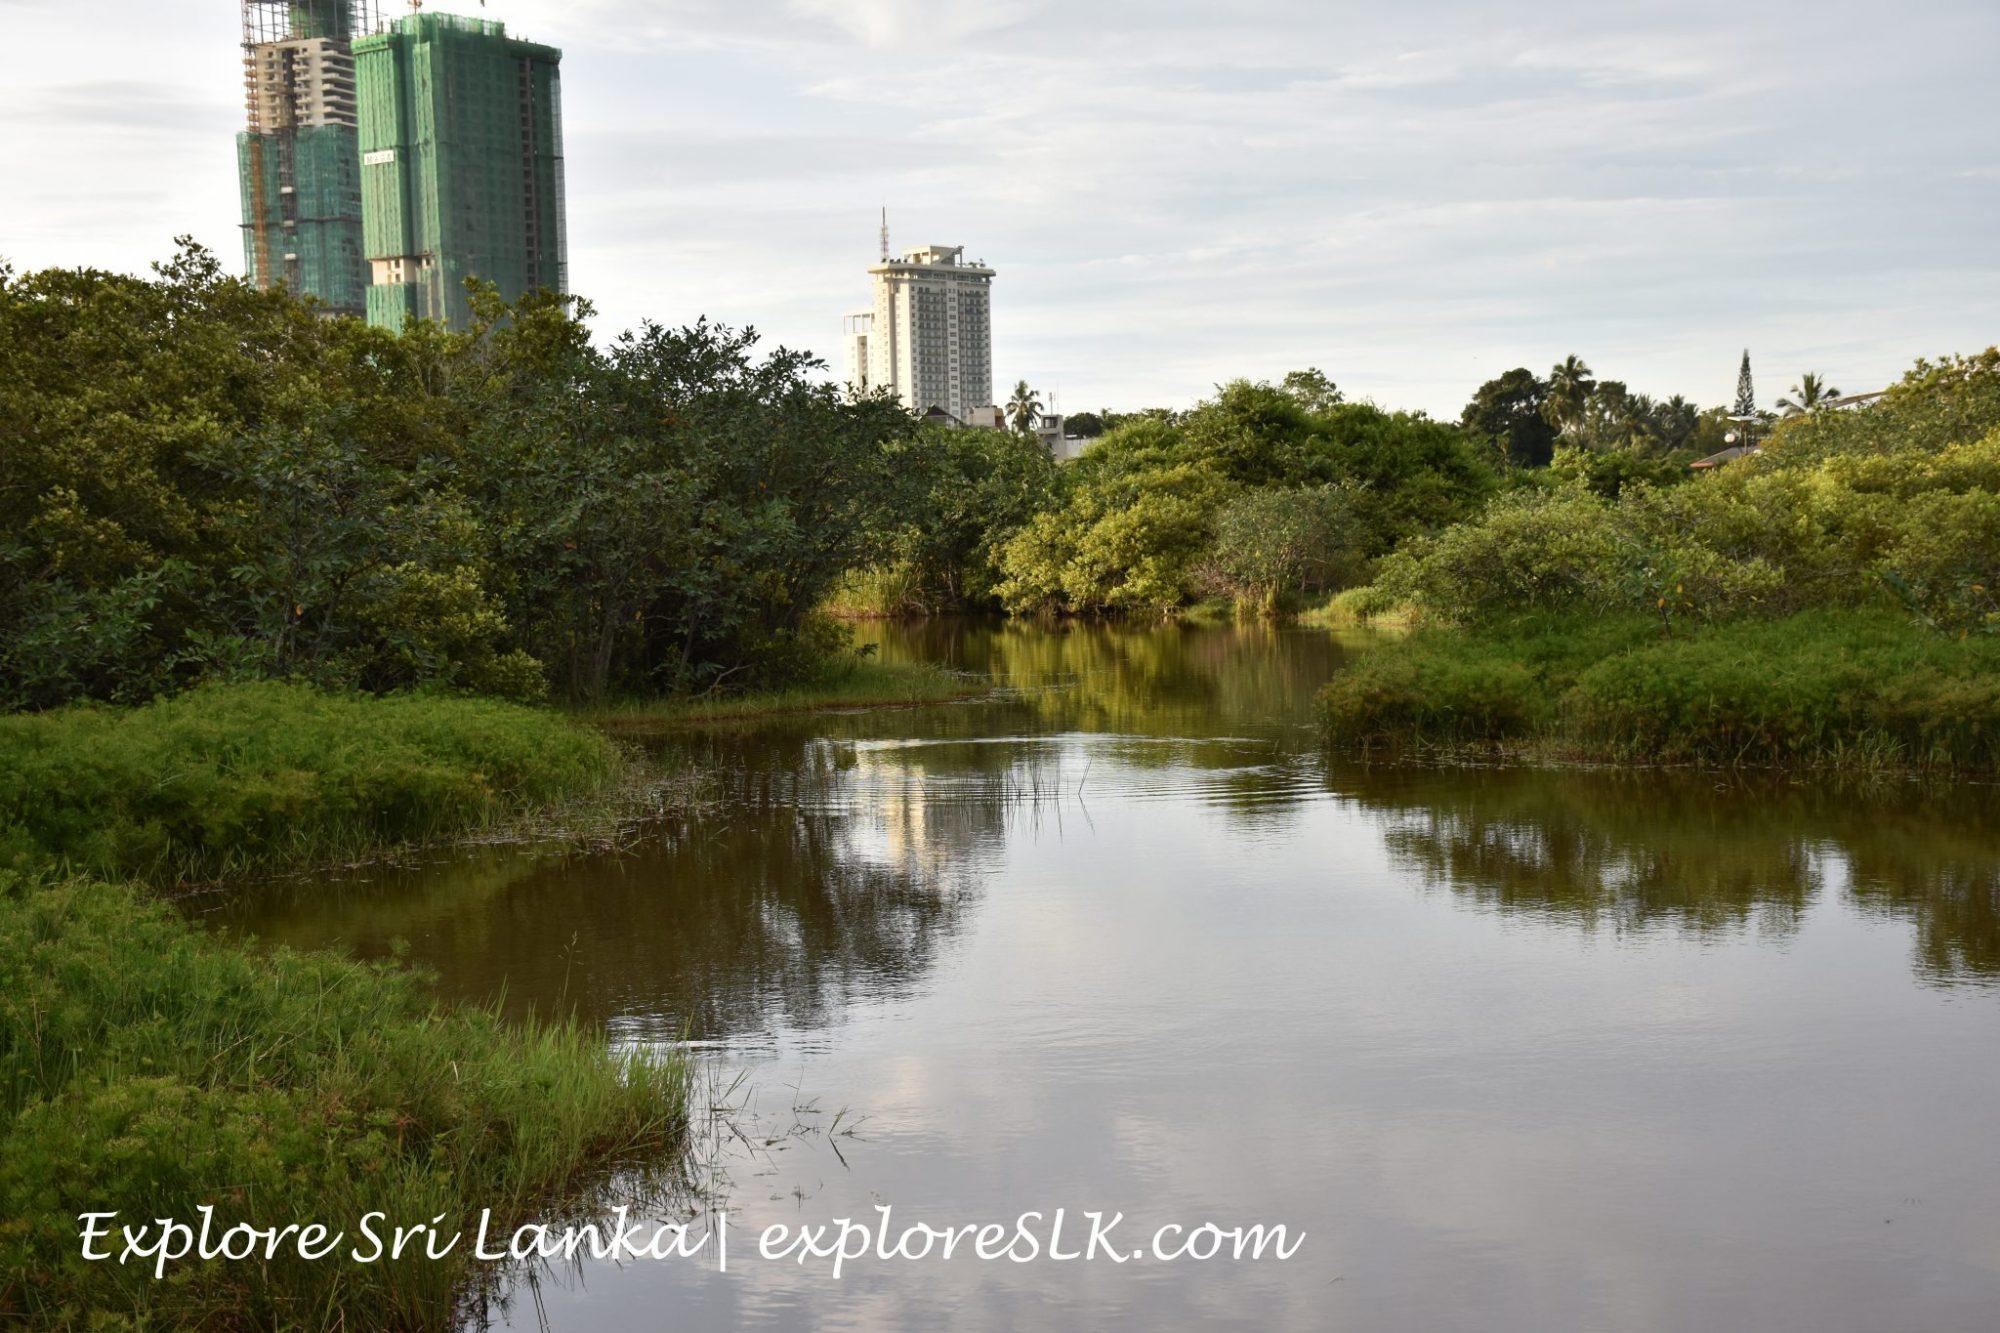 A marshy pond